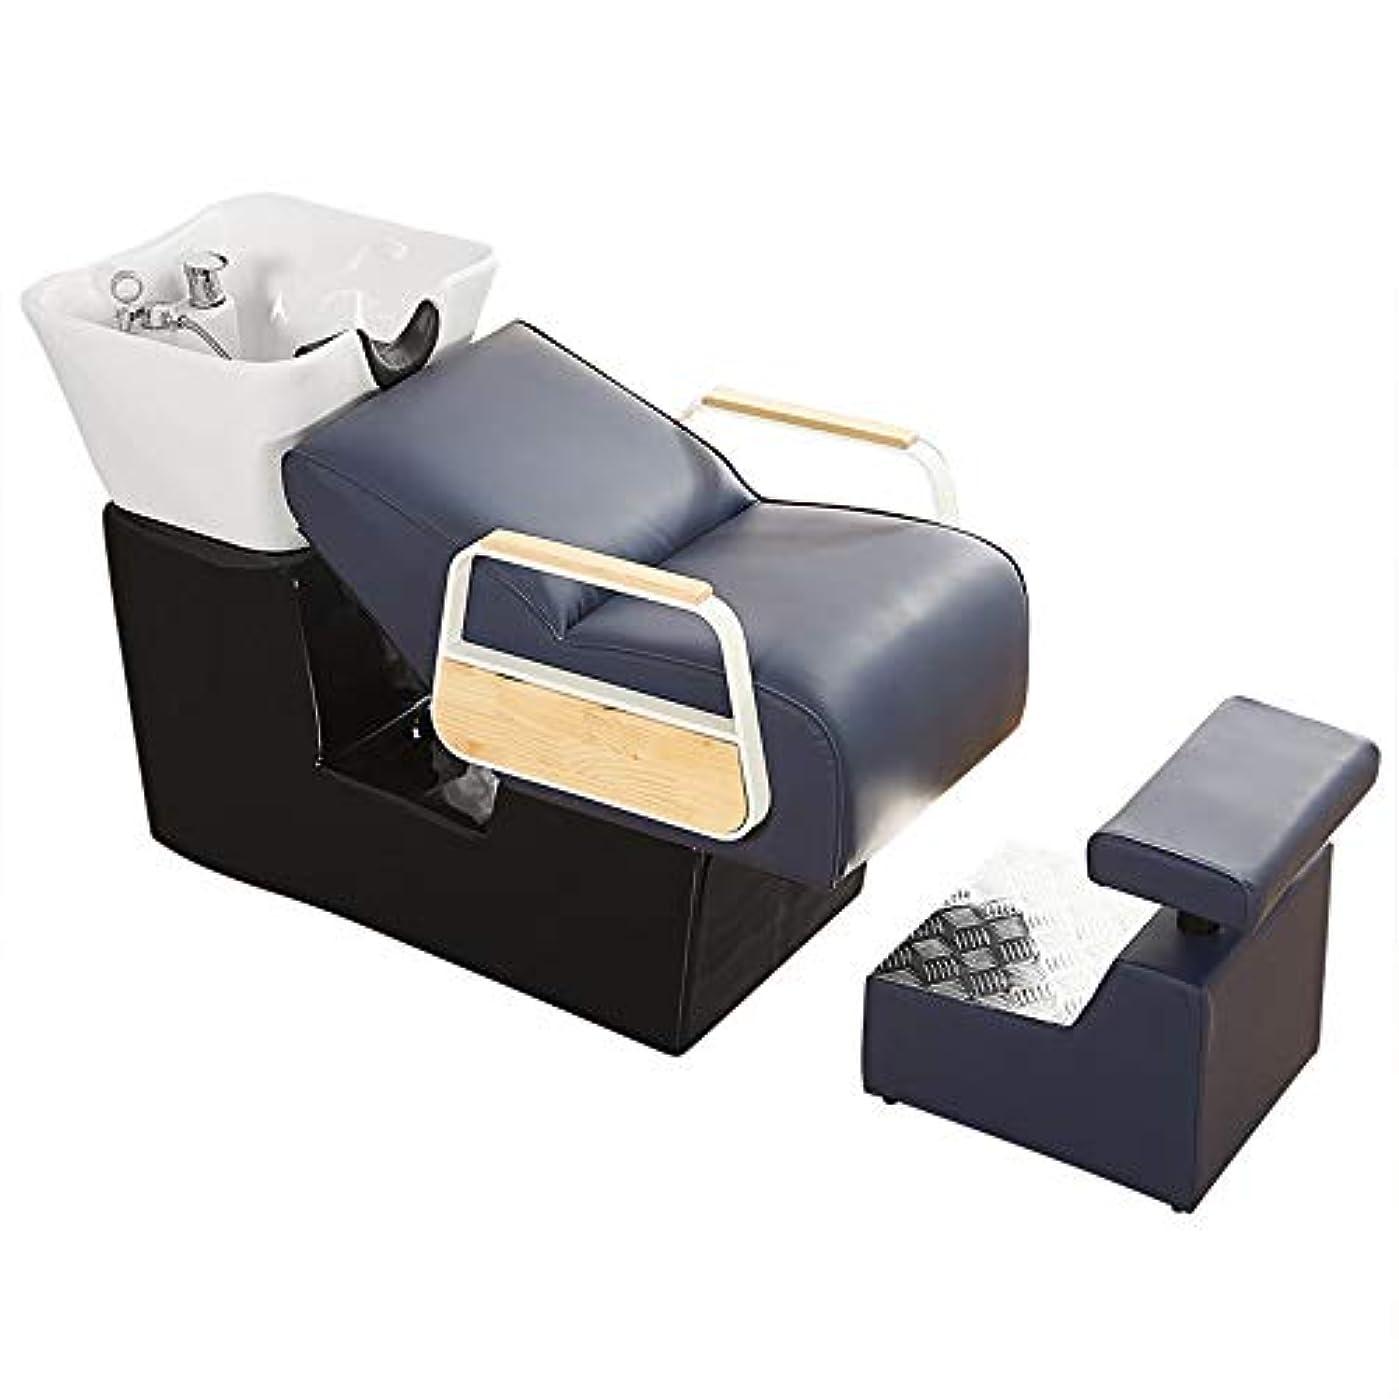 藤色限界帰するシャンプーの椅子、逆洗の単位の陶磁器の洗面器の洗面器のための洗面器のボウル理髪シンクの椅子